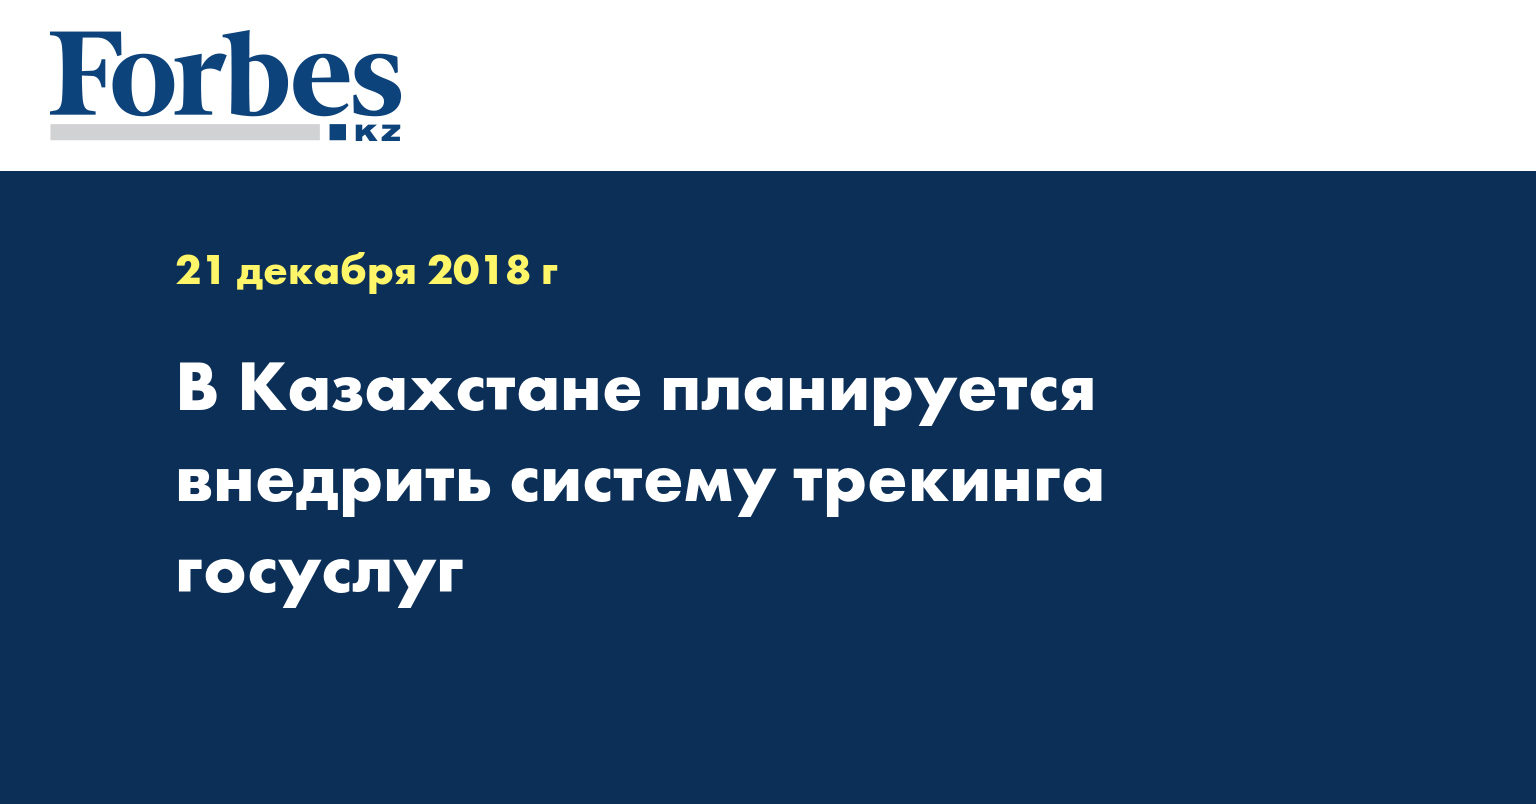 В Казахстане планируется внедрить систему трекинга госуслуг